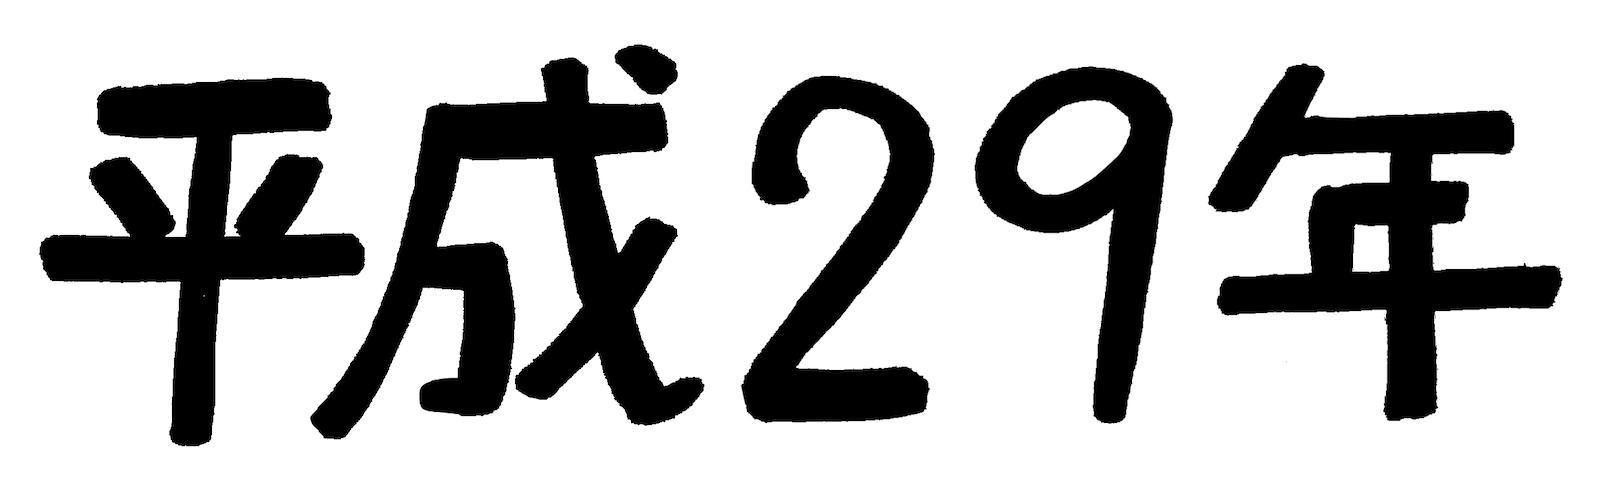 平成29年横手書き文字無料年賀状素材イラスト